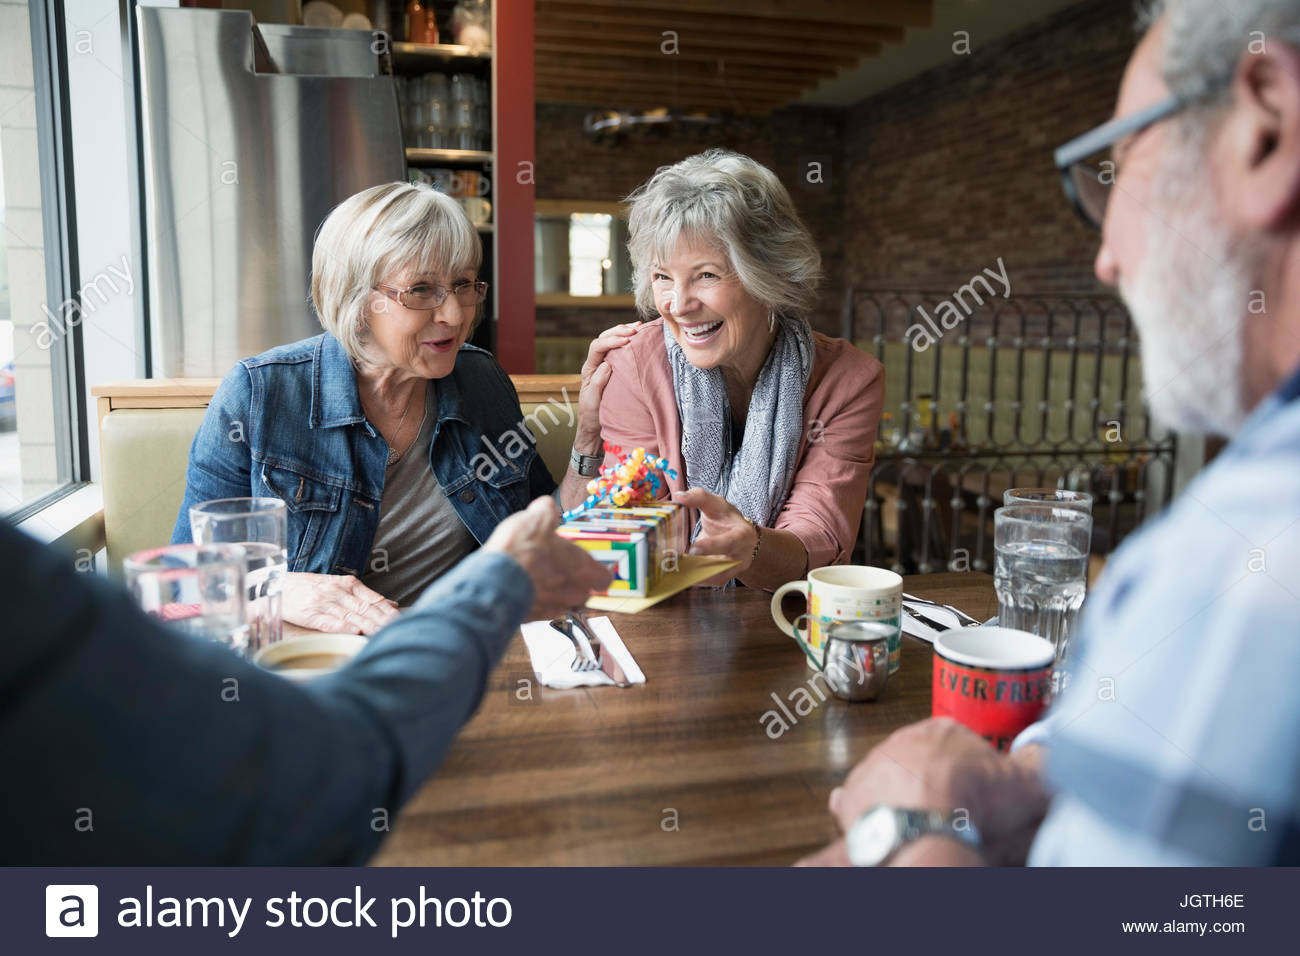 Sorridente donna senior ricevere regalo di compleanno da amico in diner booth Immagini Stock